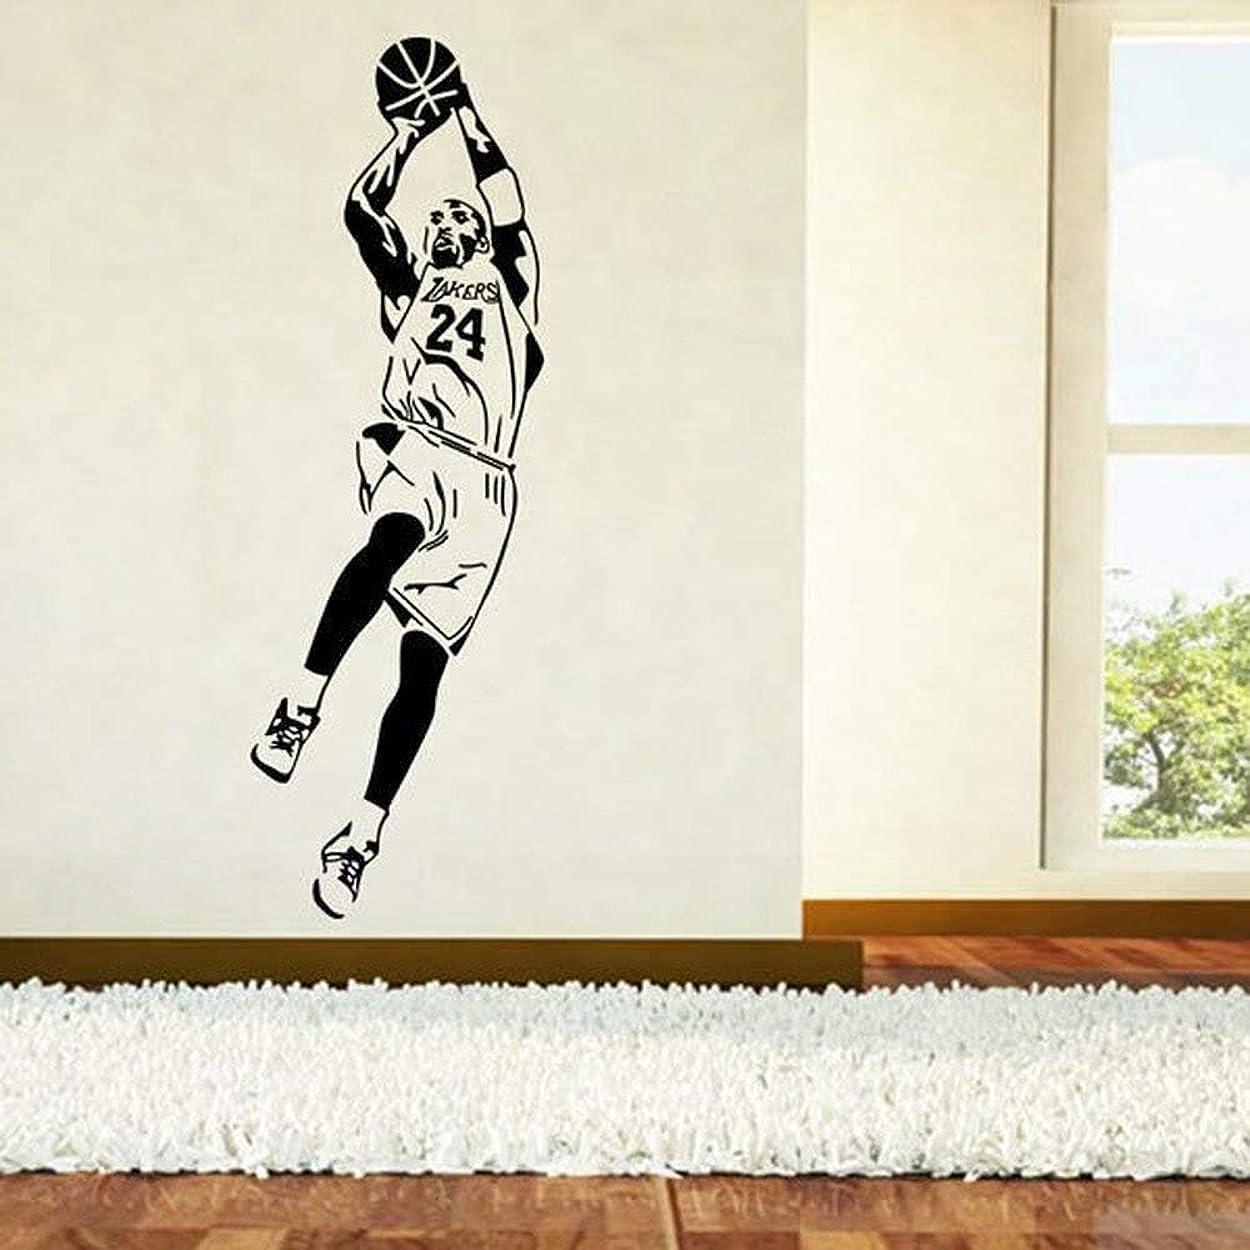 結婚式同情平らなバスケットボール選手MVPウォールステッカーコービーブライアントKobe Bryant 24フェイドウェイショットデカールホームインテリア (ブラック,56x168cm)